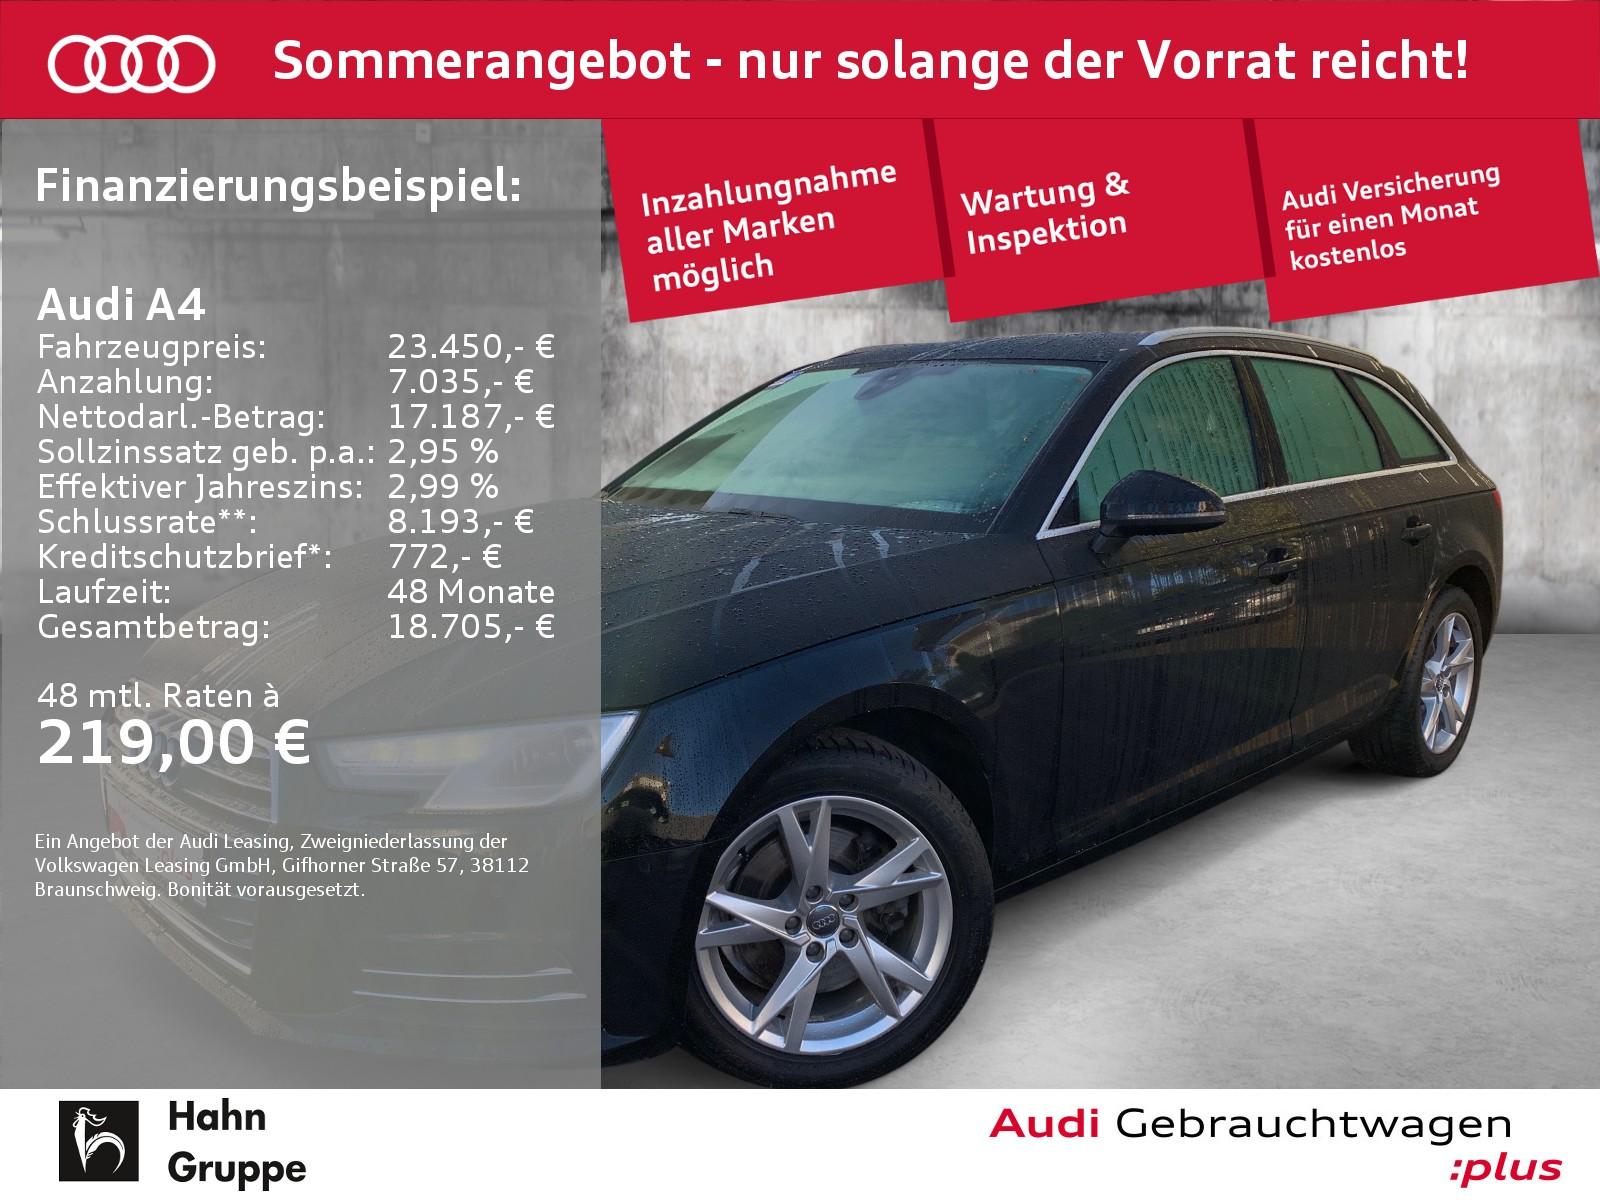 Audi A4 Avant 1.4 TFSI Navi Xen Sitzh Einpark Klima, Jahr 2018, Benzin